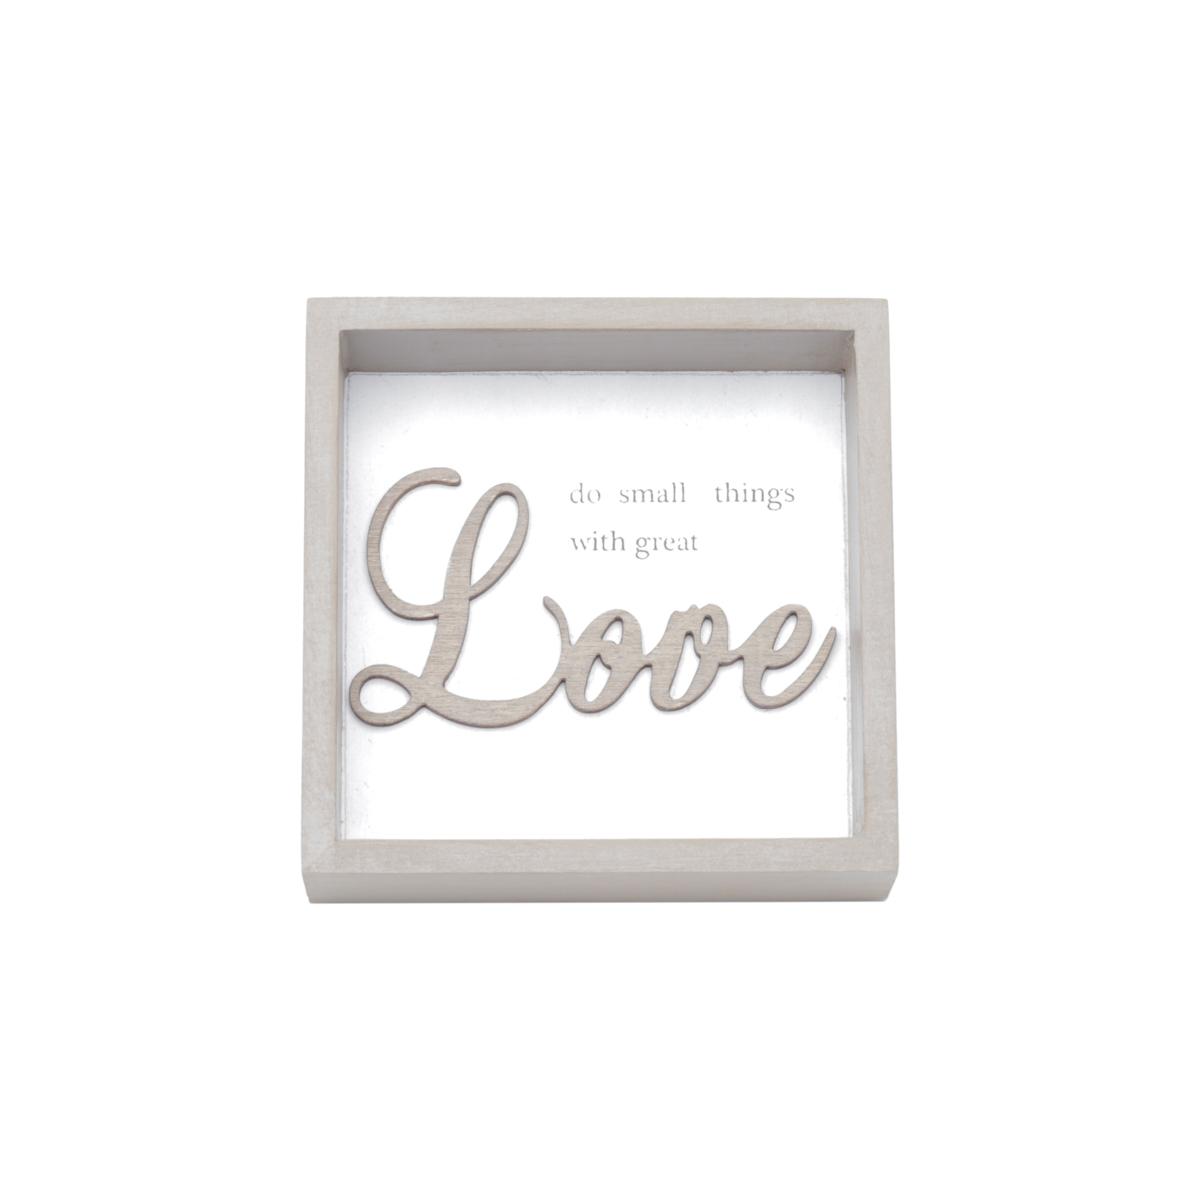 Quadro Madeira Square Small Things Great Love Fd Branco 10 x 3 x 10 cm